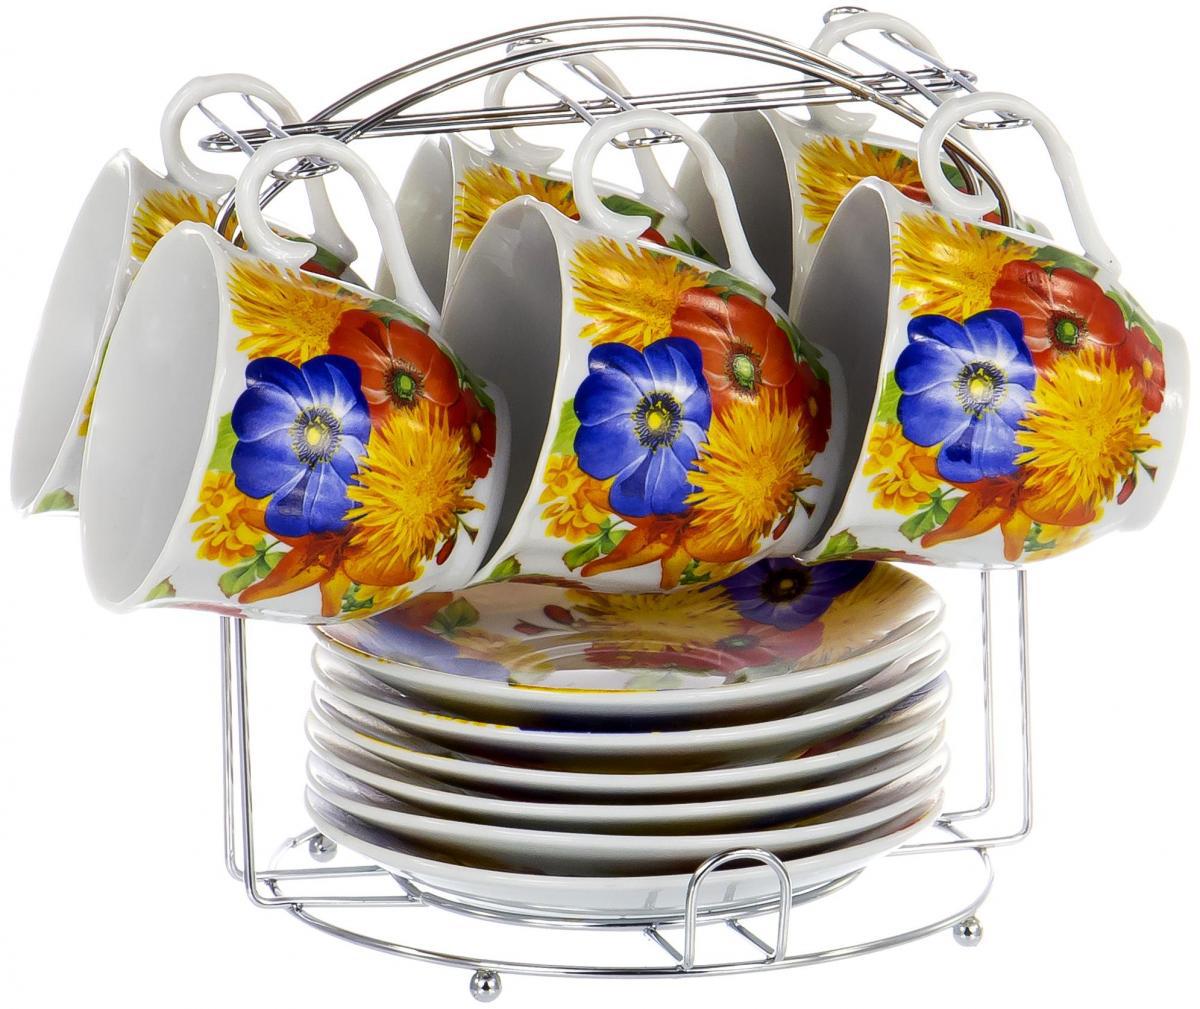 Набор чайный Olaff Metal Stand, 13 предметов. DL-F6MS-199DL-F6MS-199Чайный набор Metal Stand на шесть персон включает в себя шесть чашек 220 мл, шесть блюдец и металлическую подставку для удобного хранения, которая позволит сэкономить место на кухне. Посуда выполнена из качественного фарфора и декорирована жизнерадостным цветочным рисунком. Демократичный набор для повседневного использования и семейных посиделок.